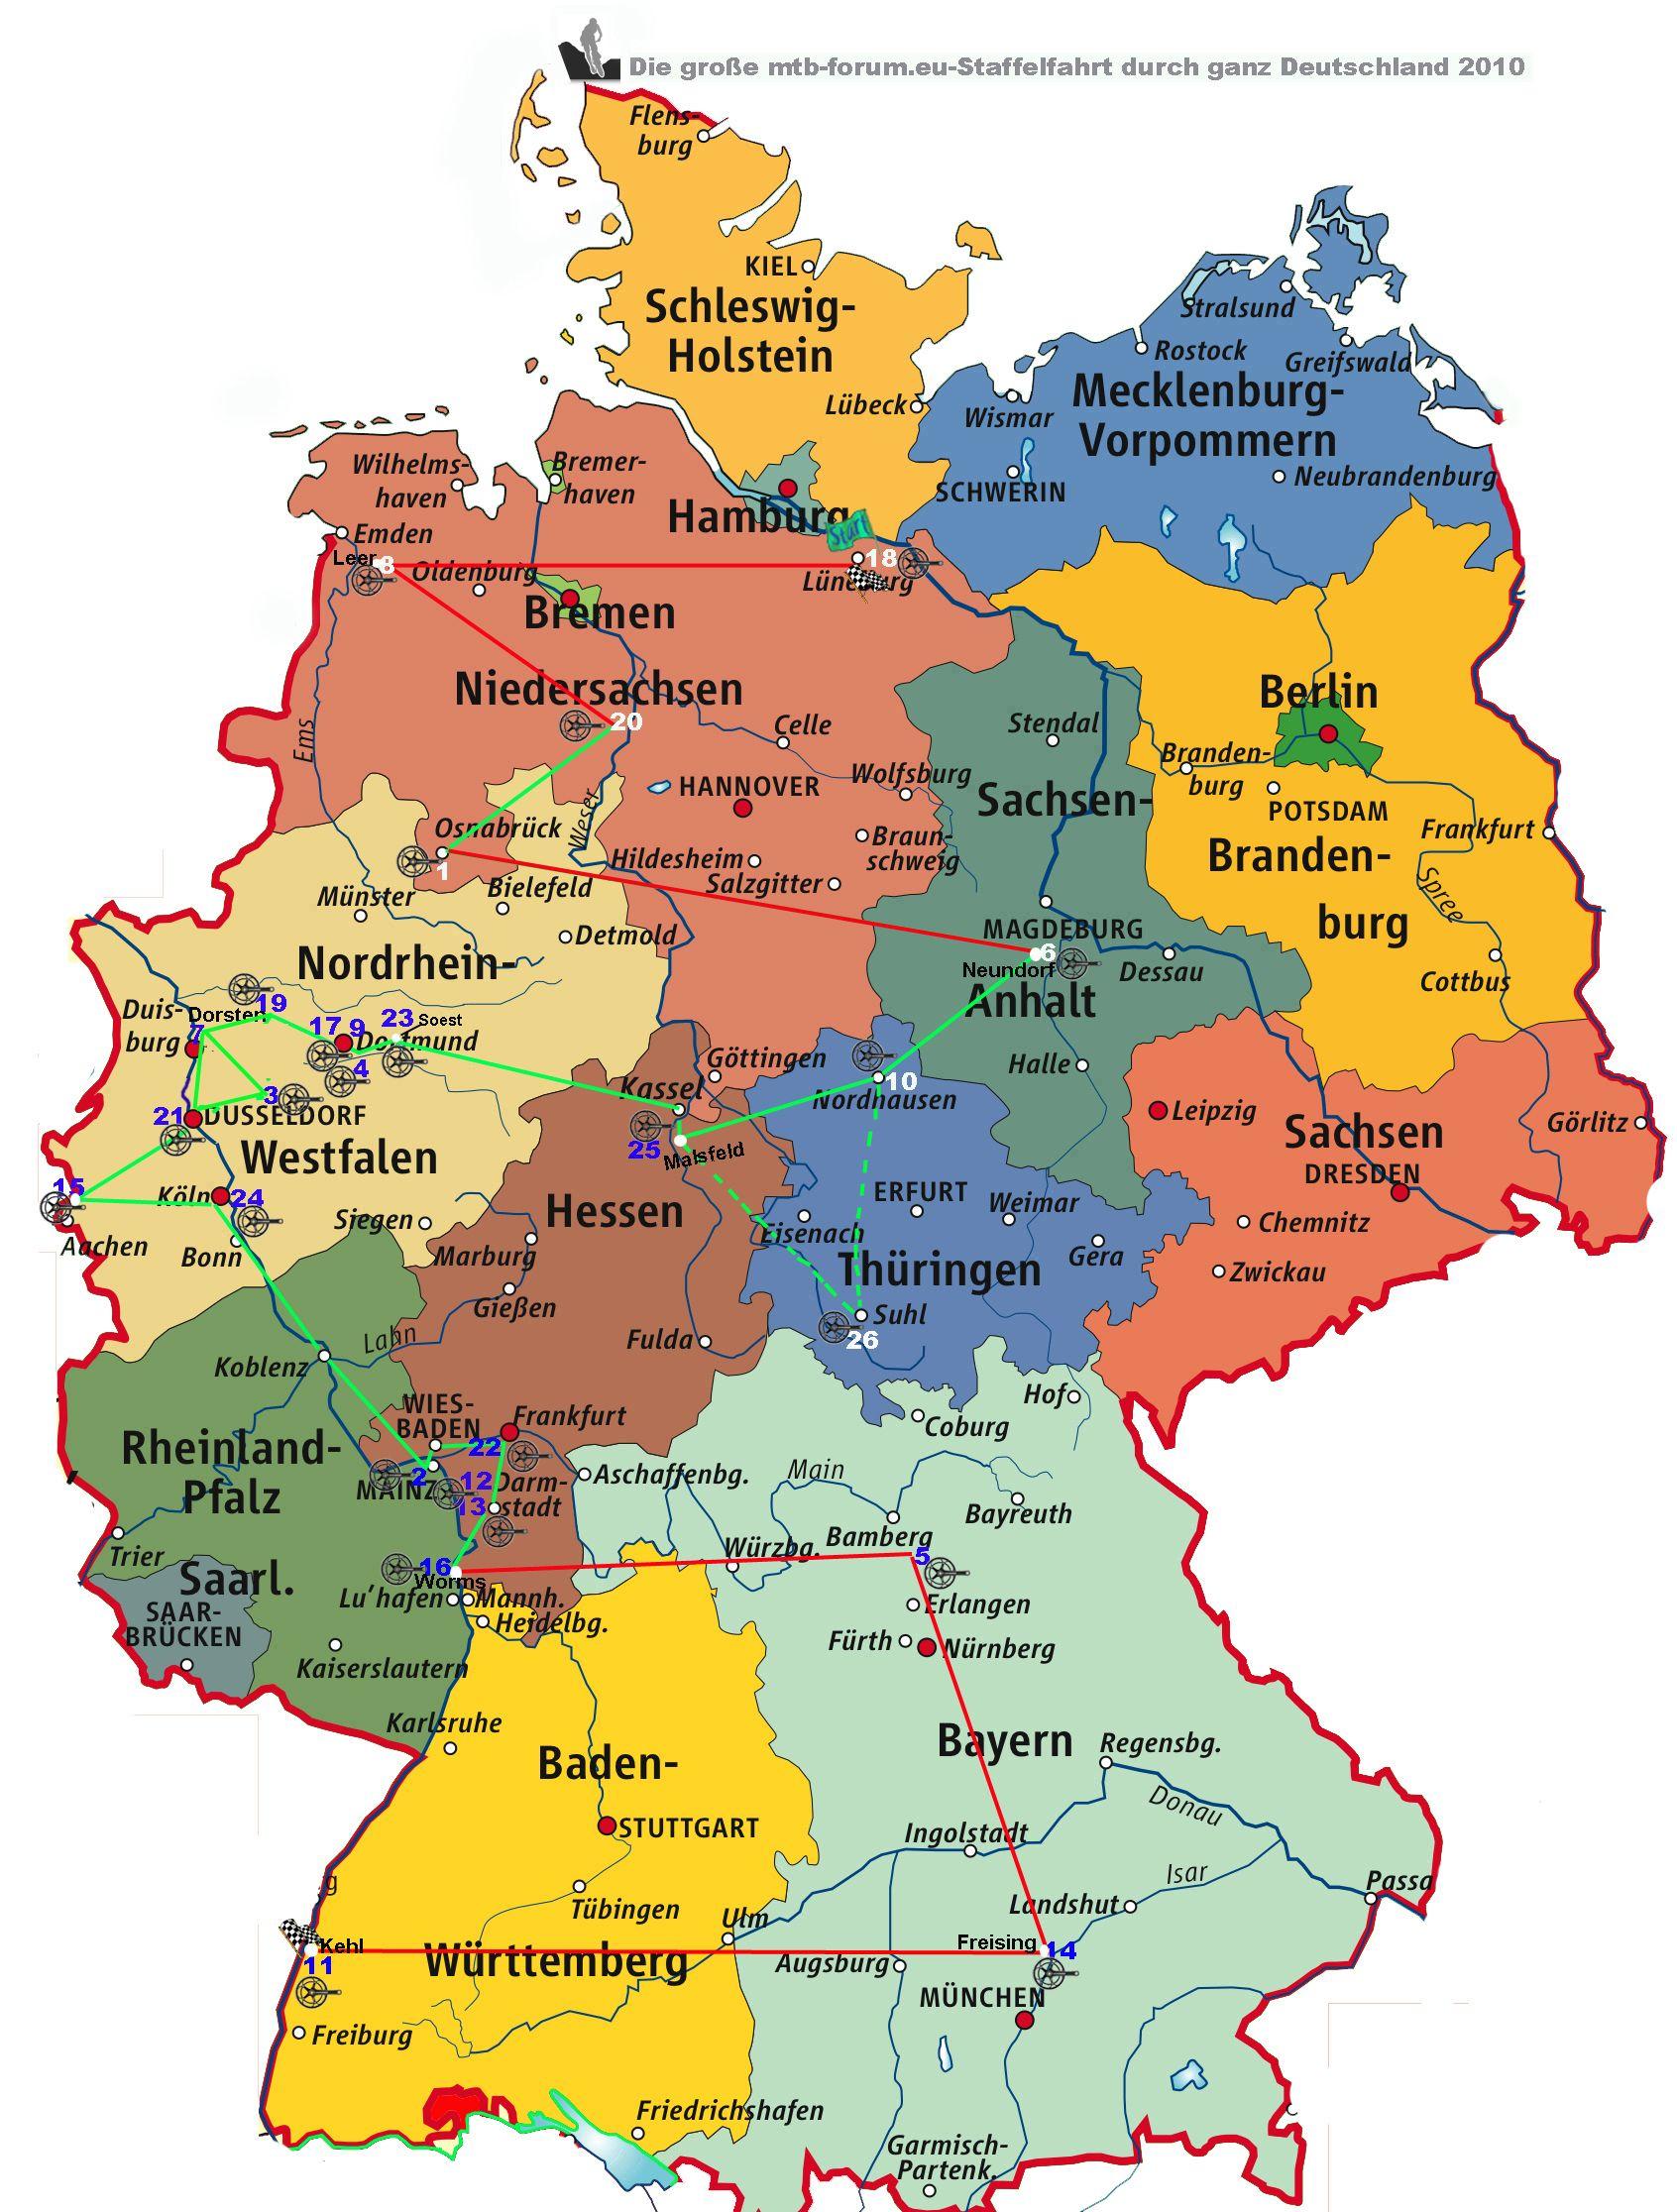 Koblenz Karte Deutschland Deutschland Karte Koblenz Karte